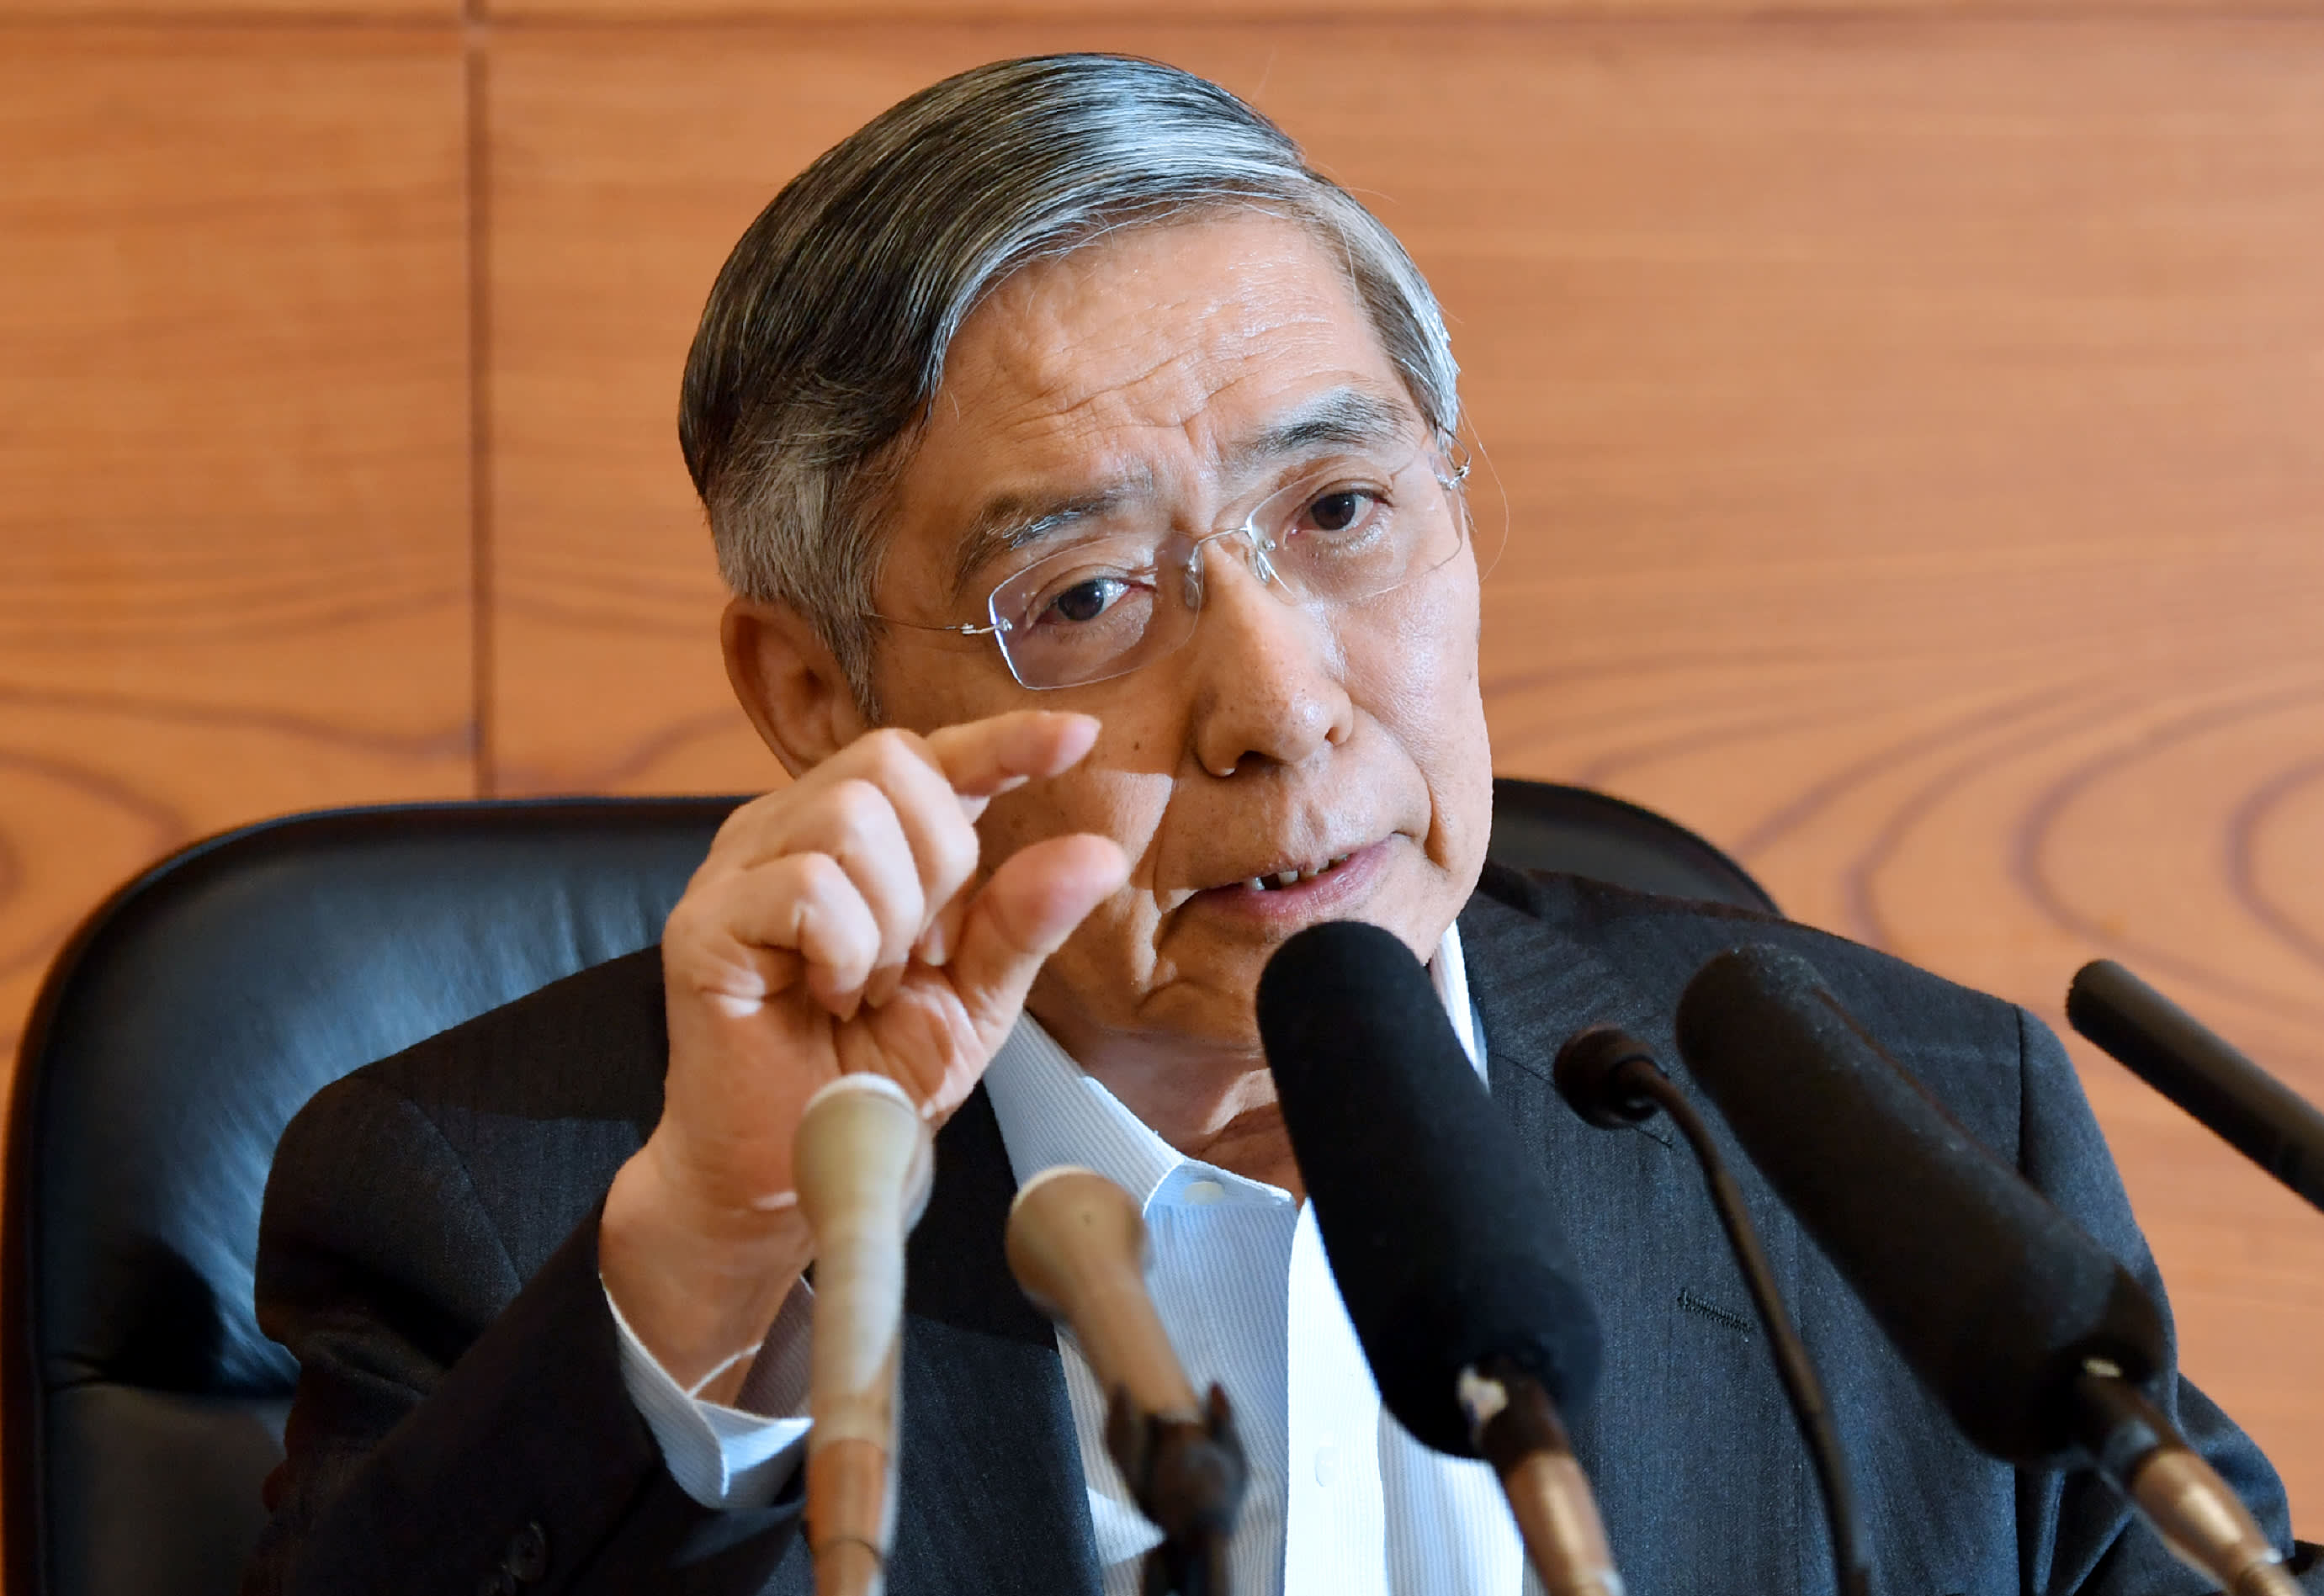 أهم تصريحات محافظ بنك اليابان بعد لقائه مع رئيس الوزراء